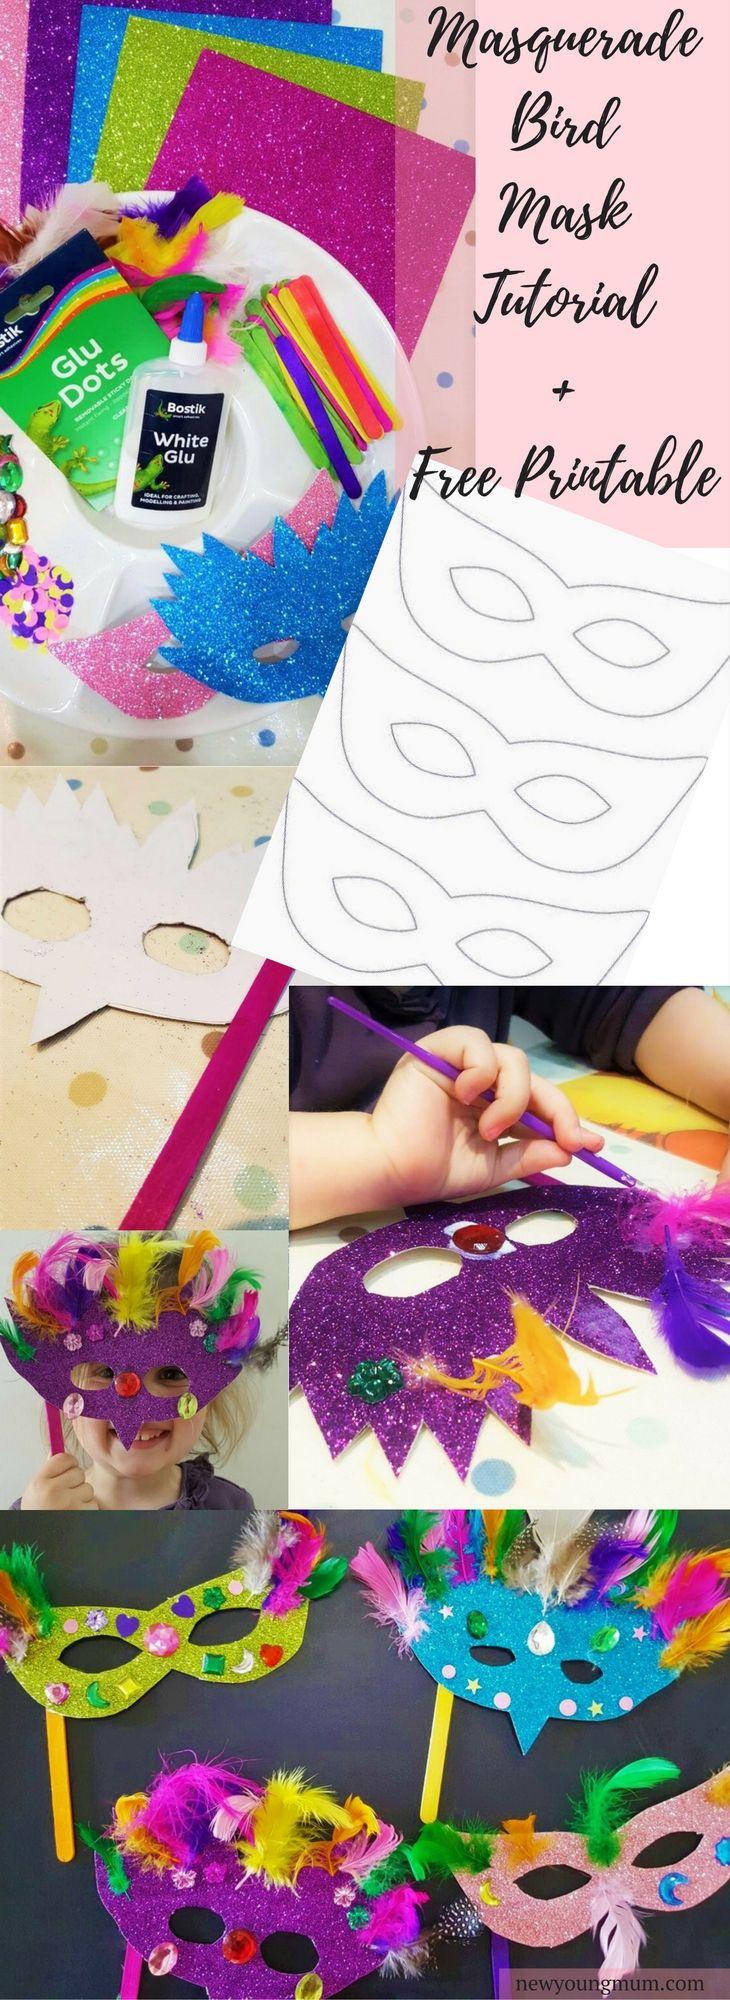 Bird Masks Kids Craft with a FREE Template Printable. Kids printables, bird mask, bird masks, kids crafts, children's crafts, simple kids crafts, easy crafts, free printable, bird crafts, get crafty, childrens craft ideas.